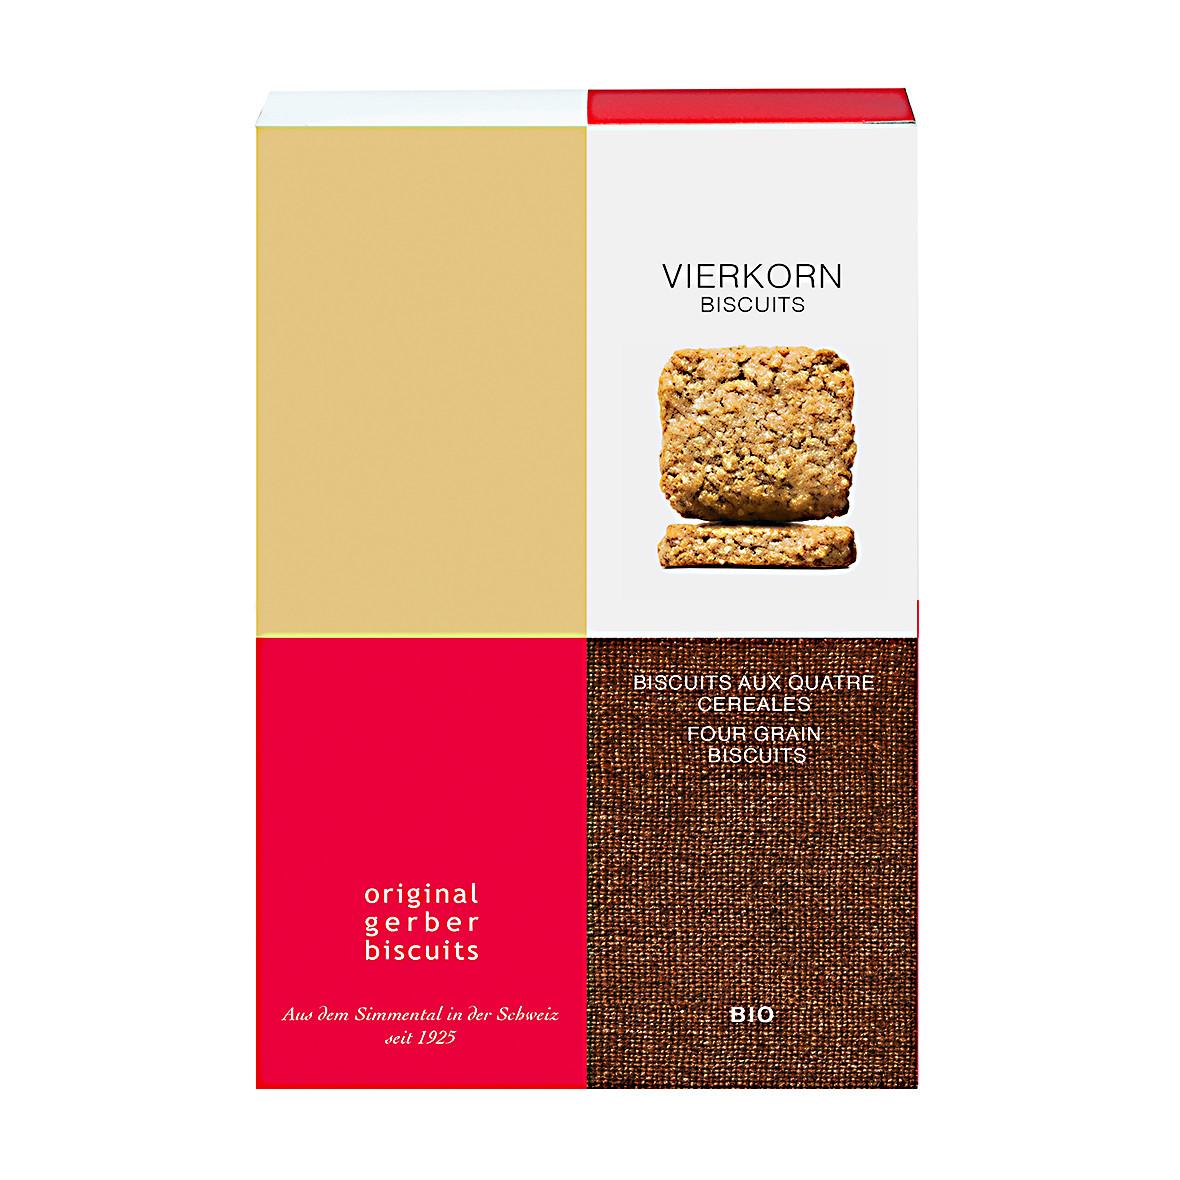 Gerber Biscuits Vierkorn